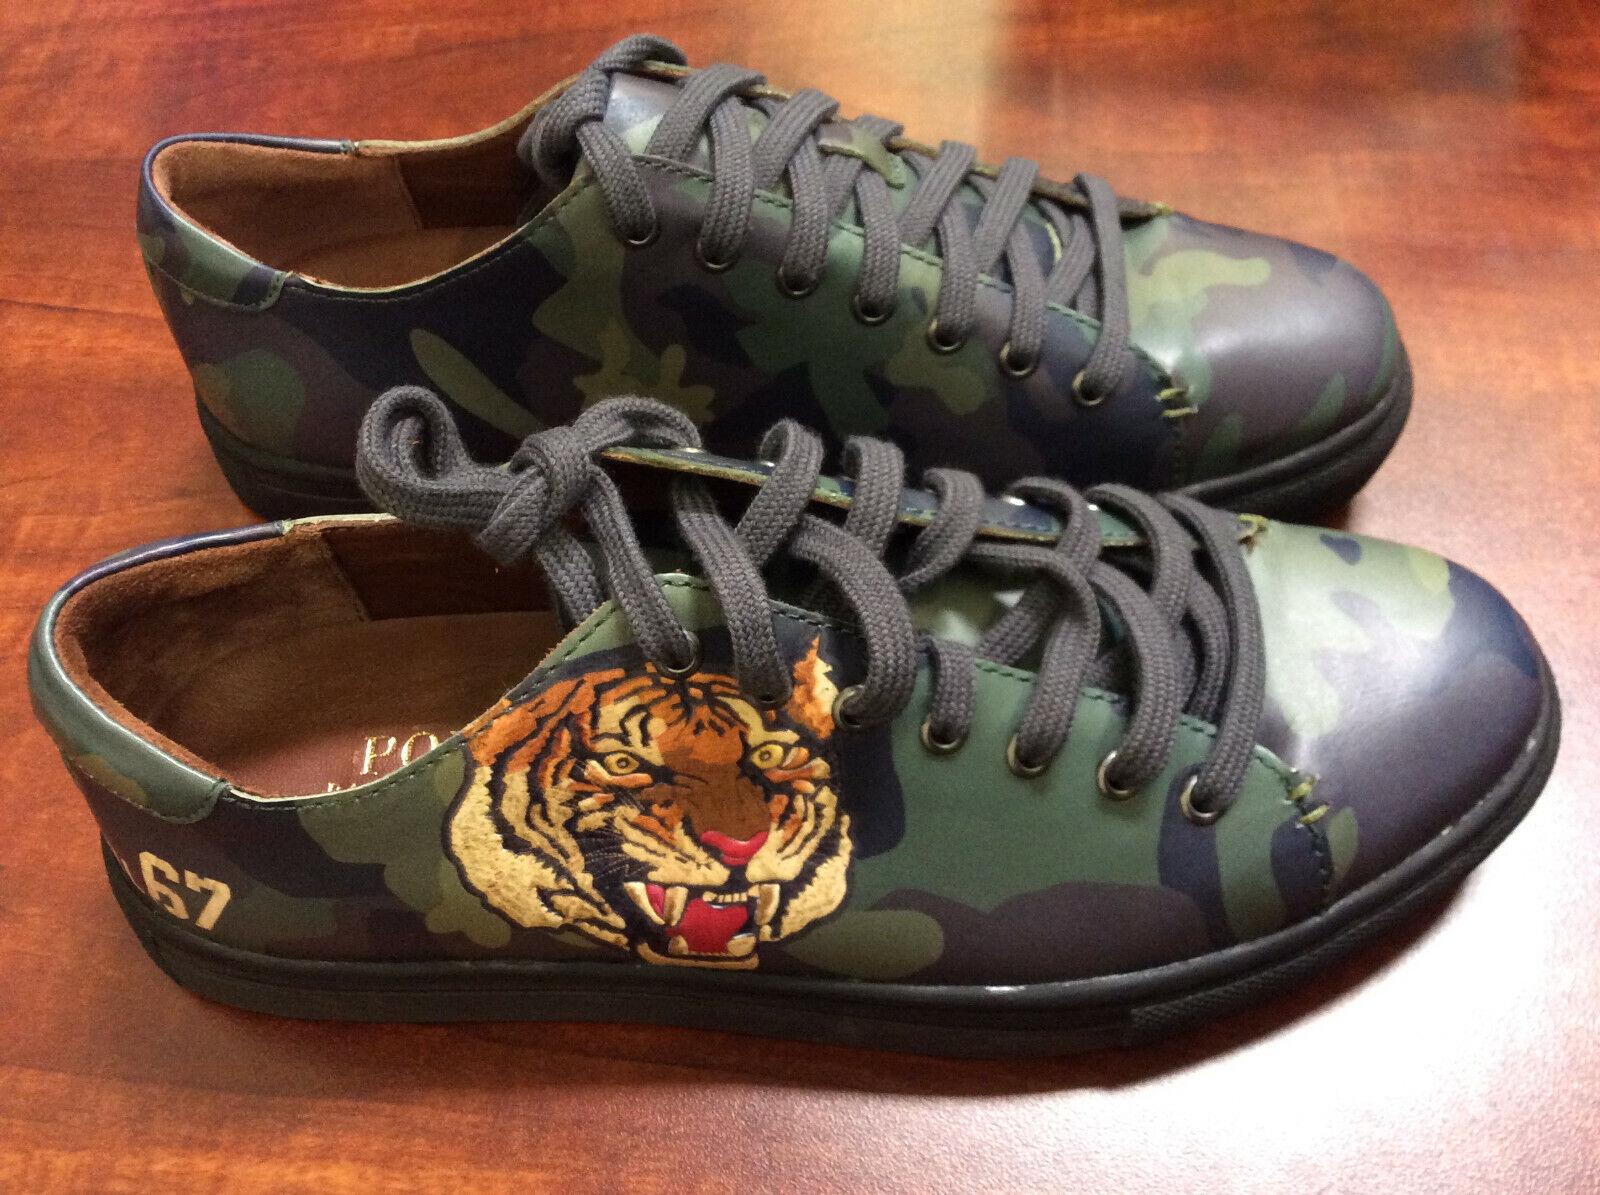 Polo Ralph Lauren Para Hombres Zapatillas de logotipo Jermain verde Tamaño nos 8.5 D